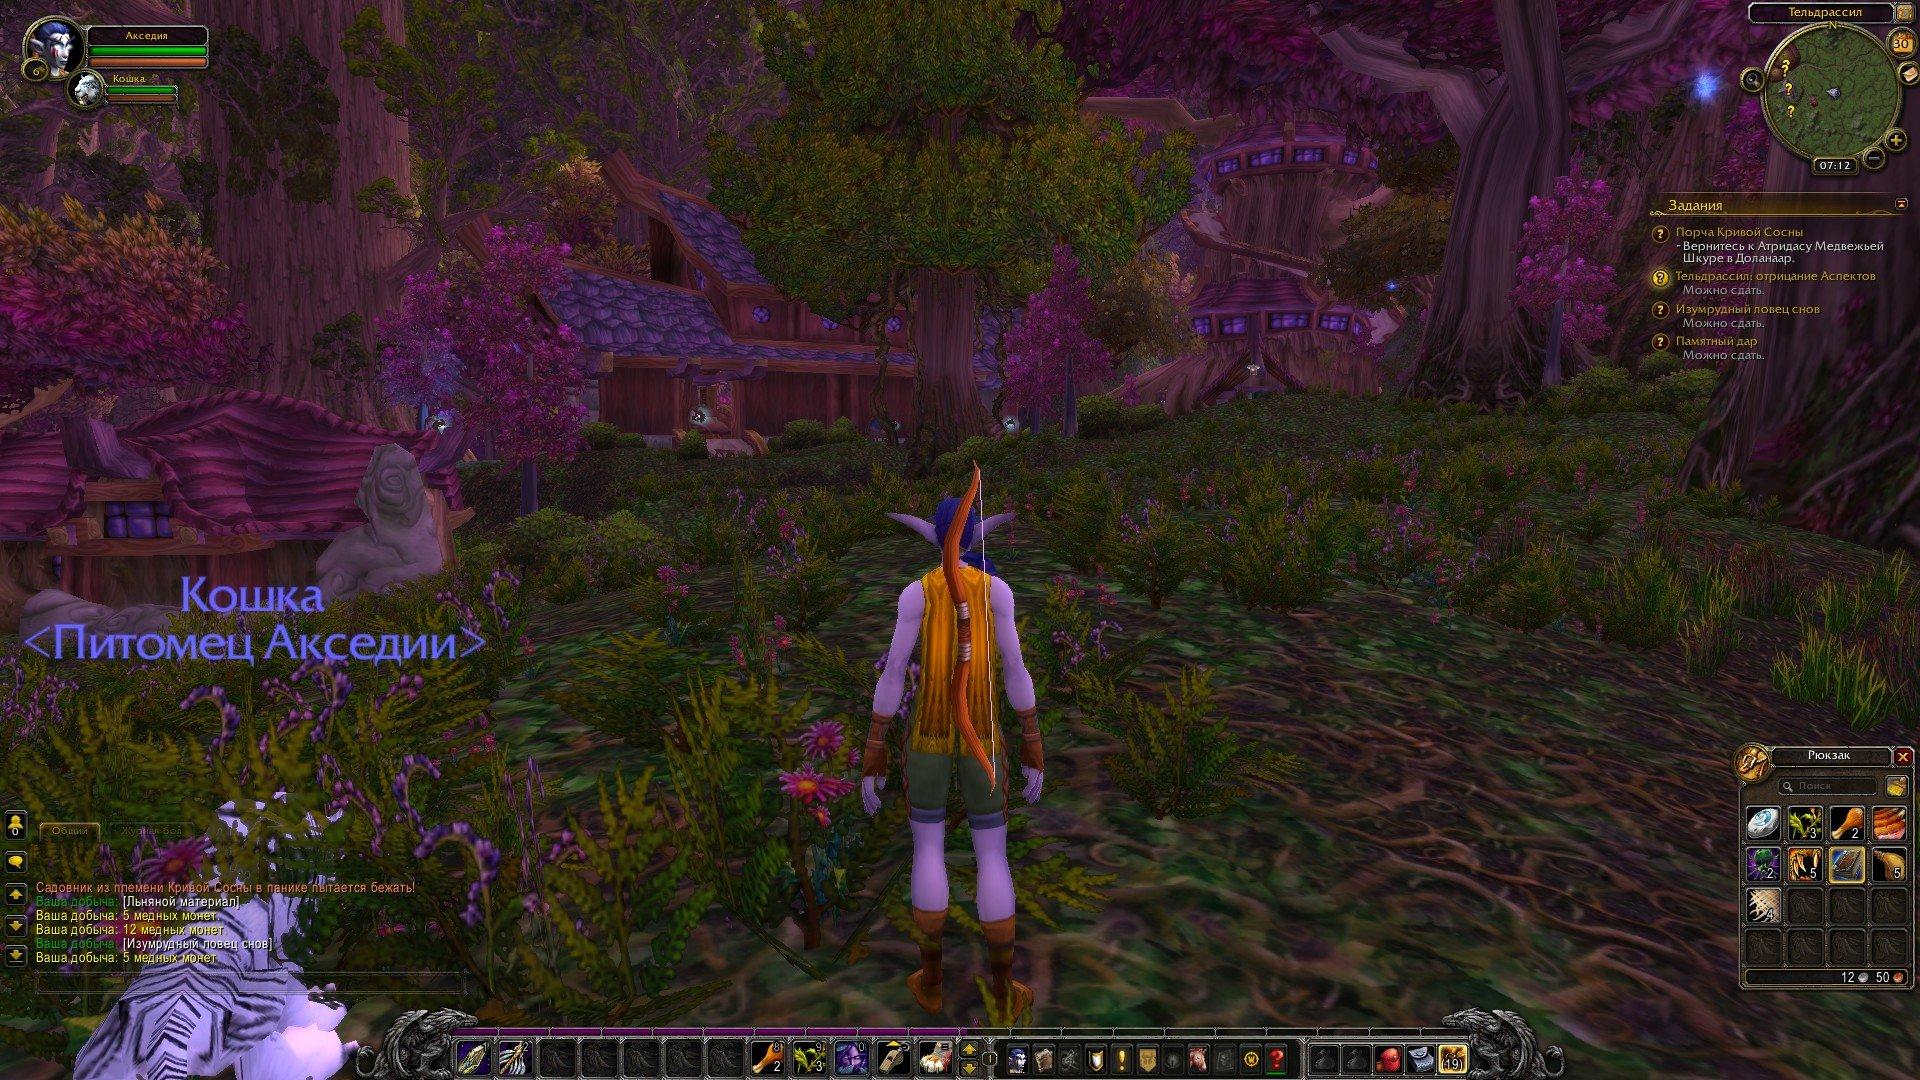 Путешествие по World of Warcraft ... Знакомство - Изображение 7